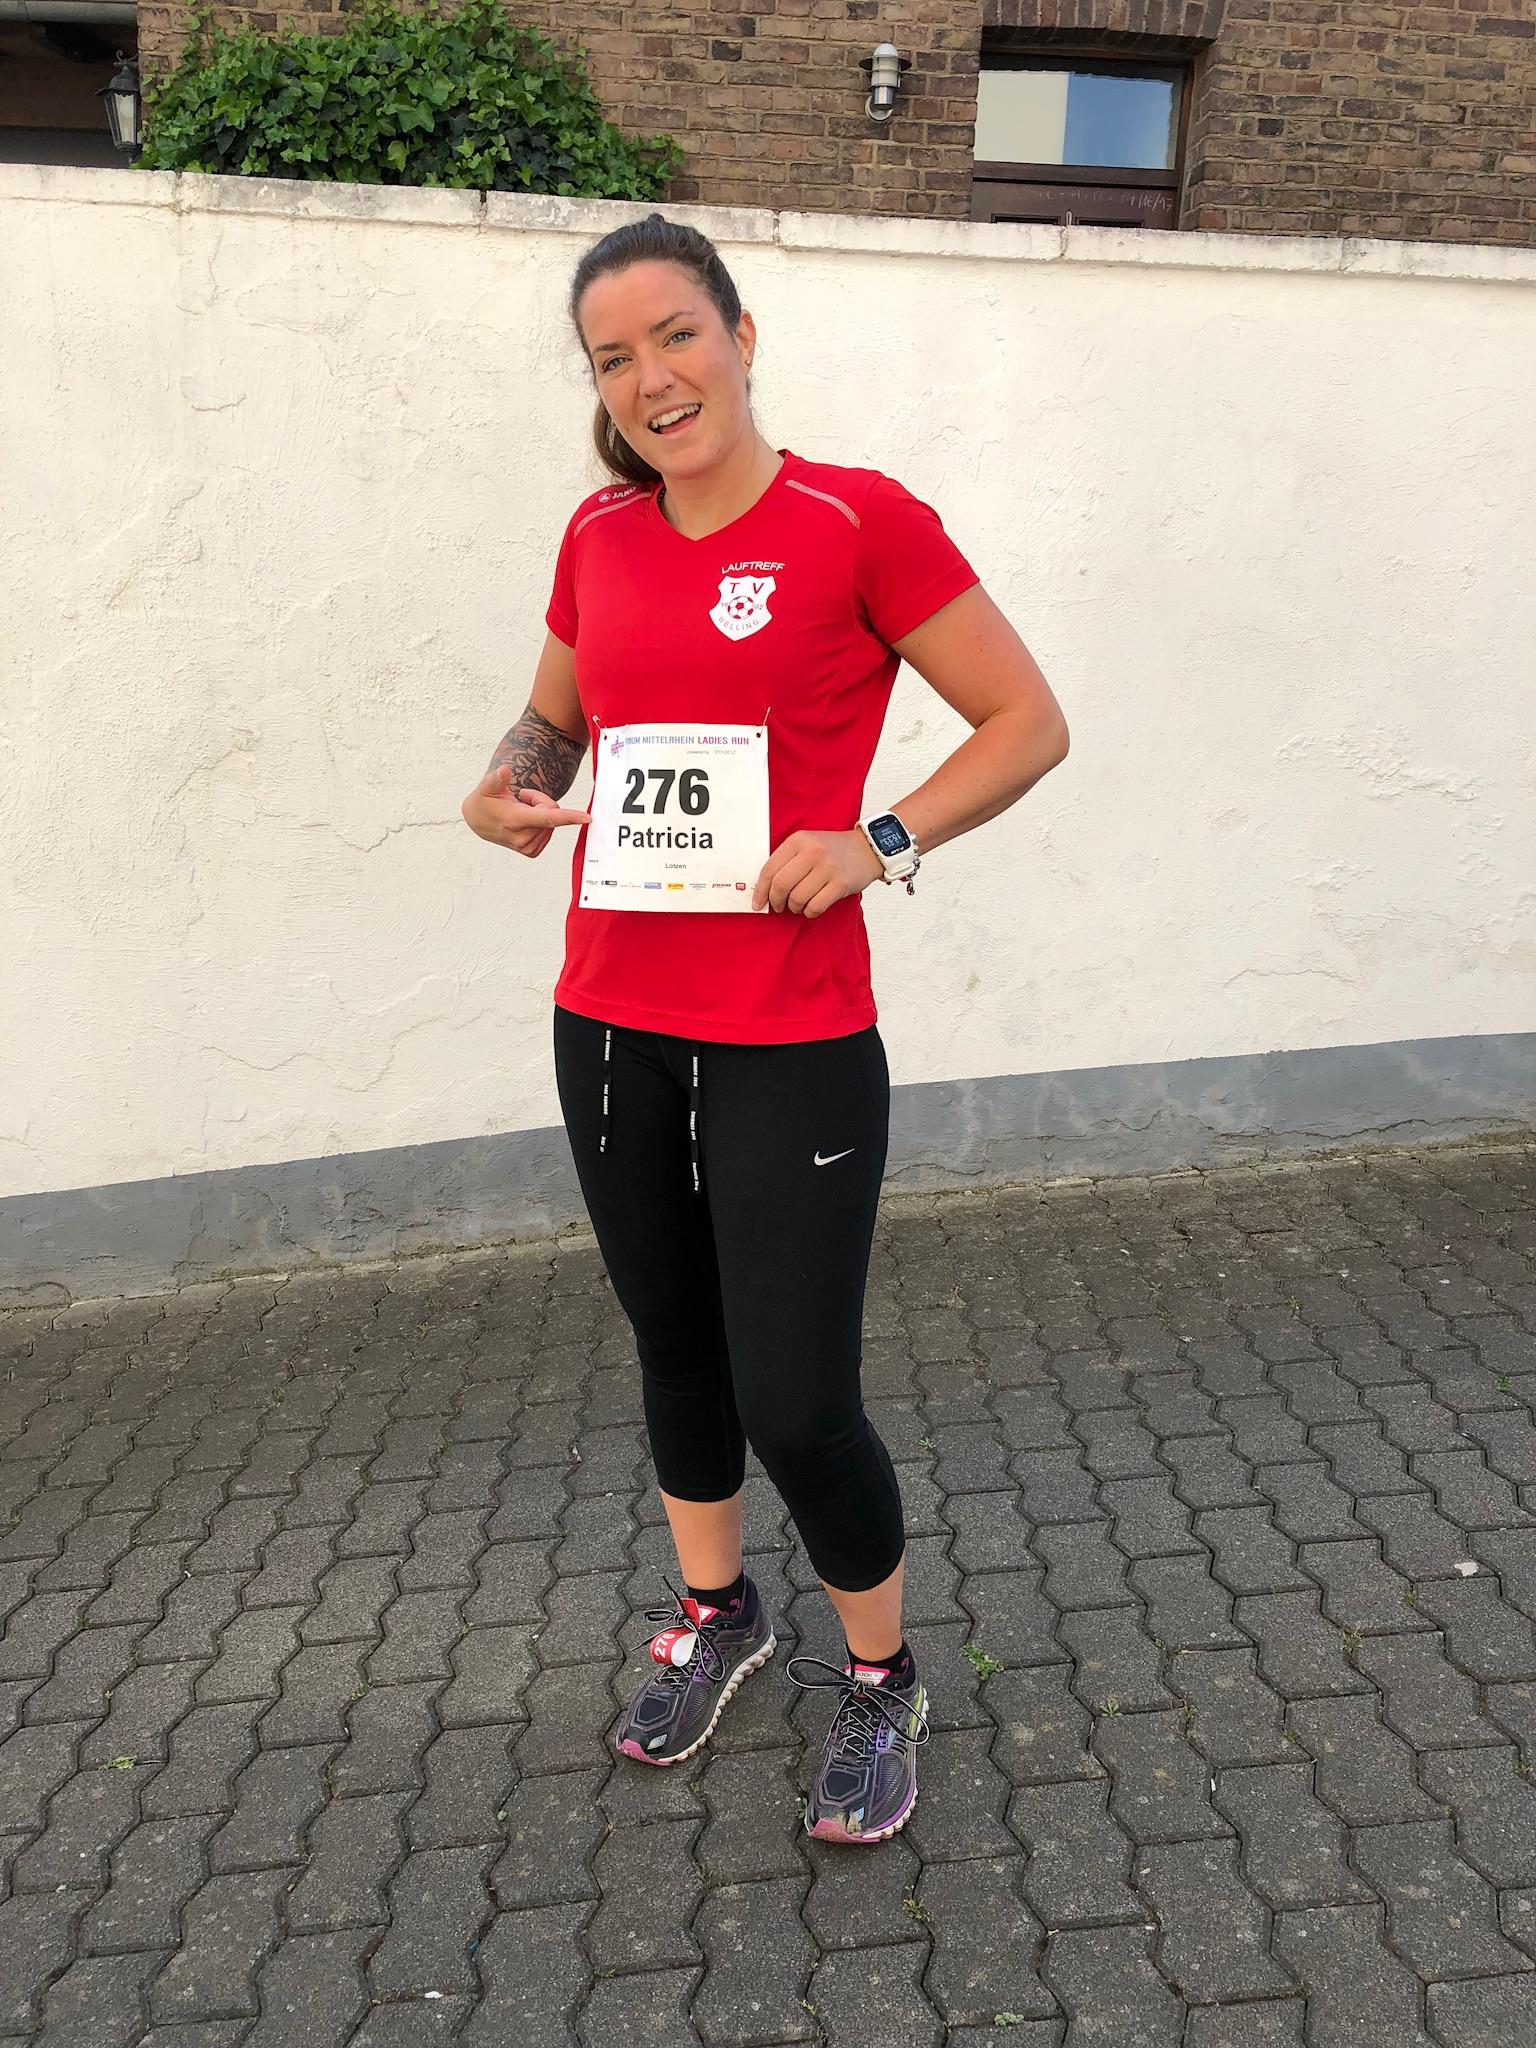 Lauftreff des TV Welling 02 auch beim Ladies Run in